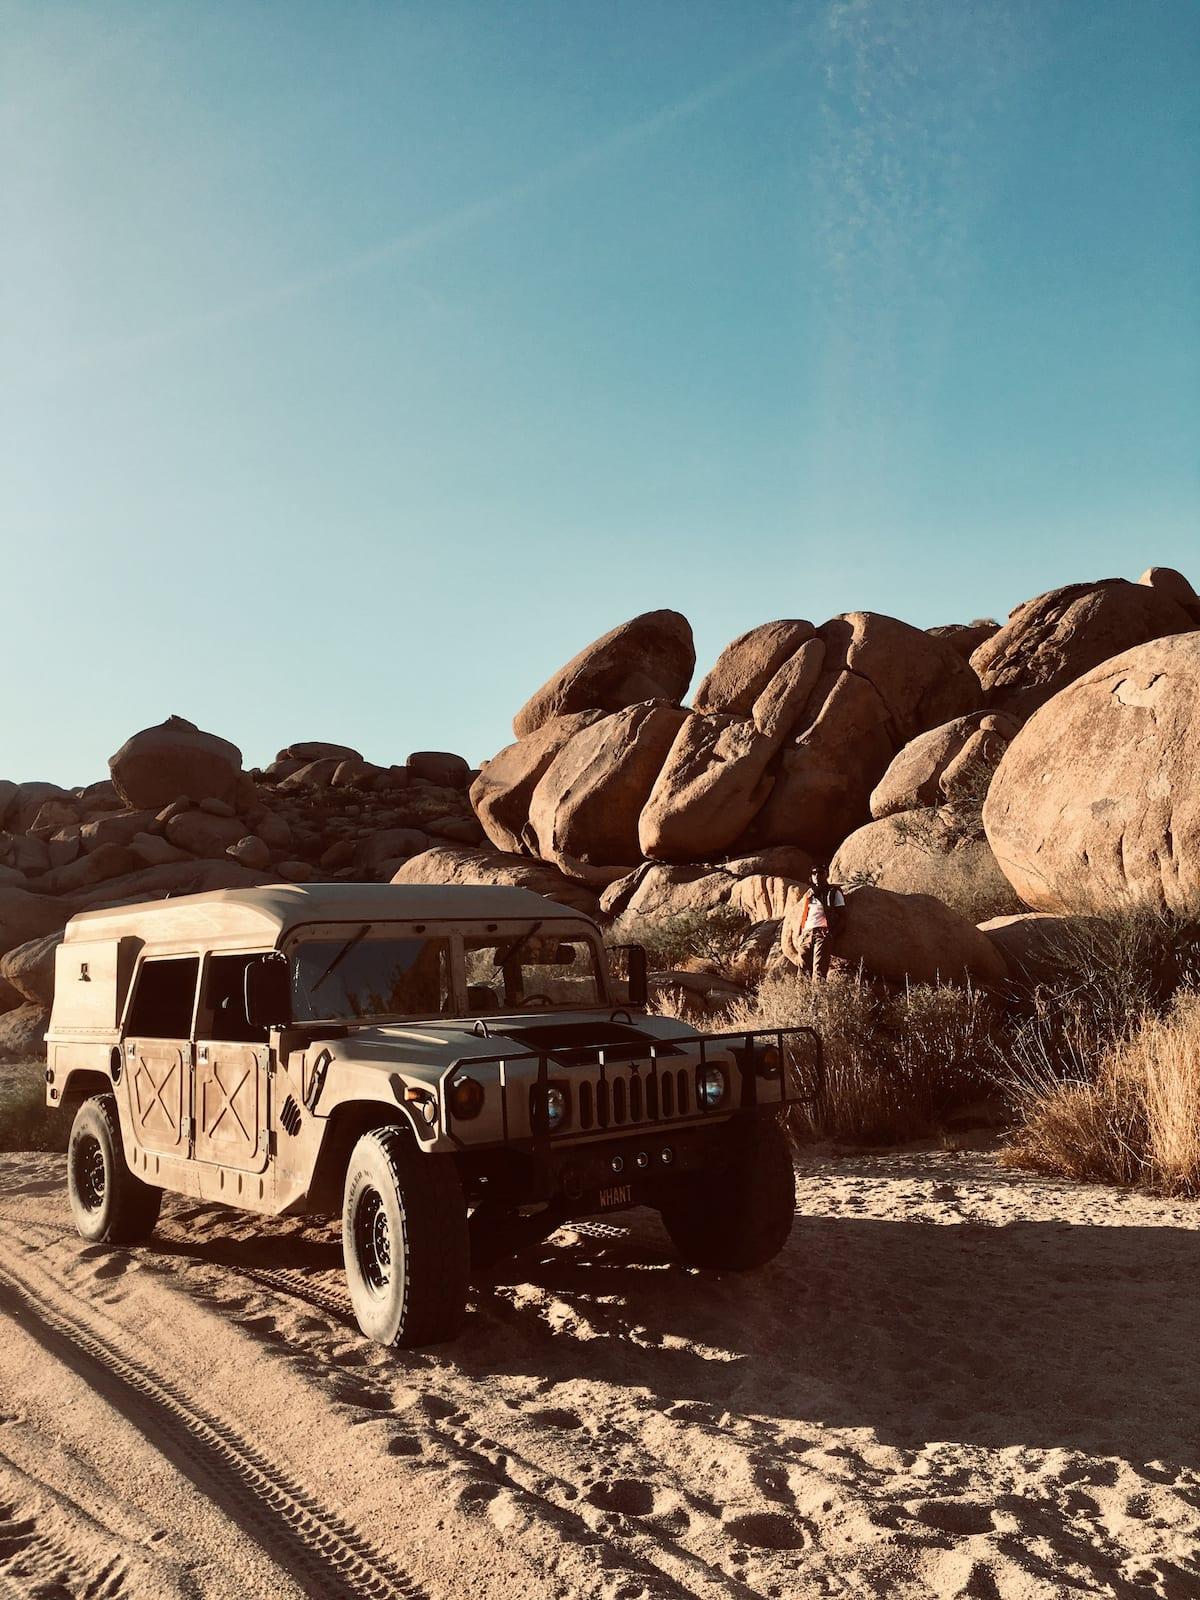 Humvee in desert